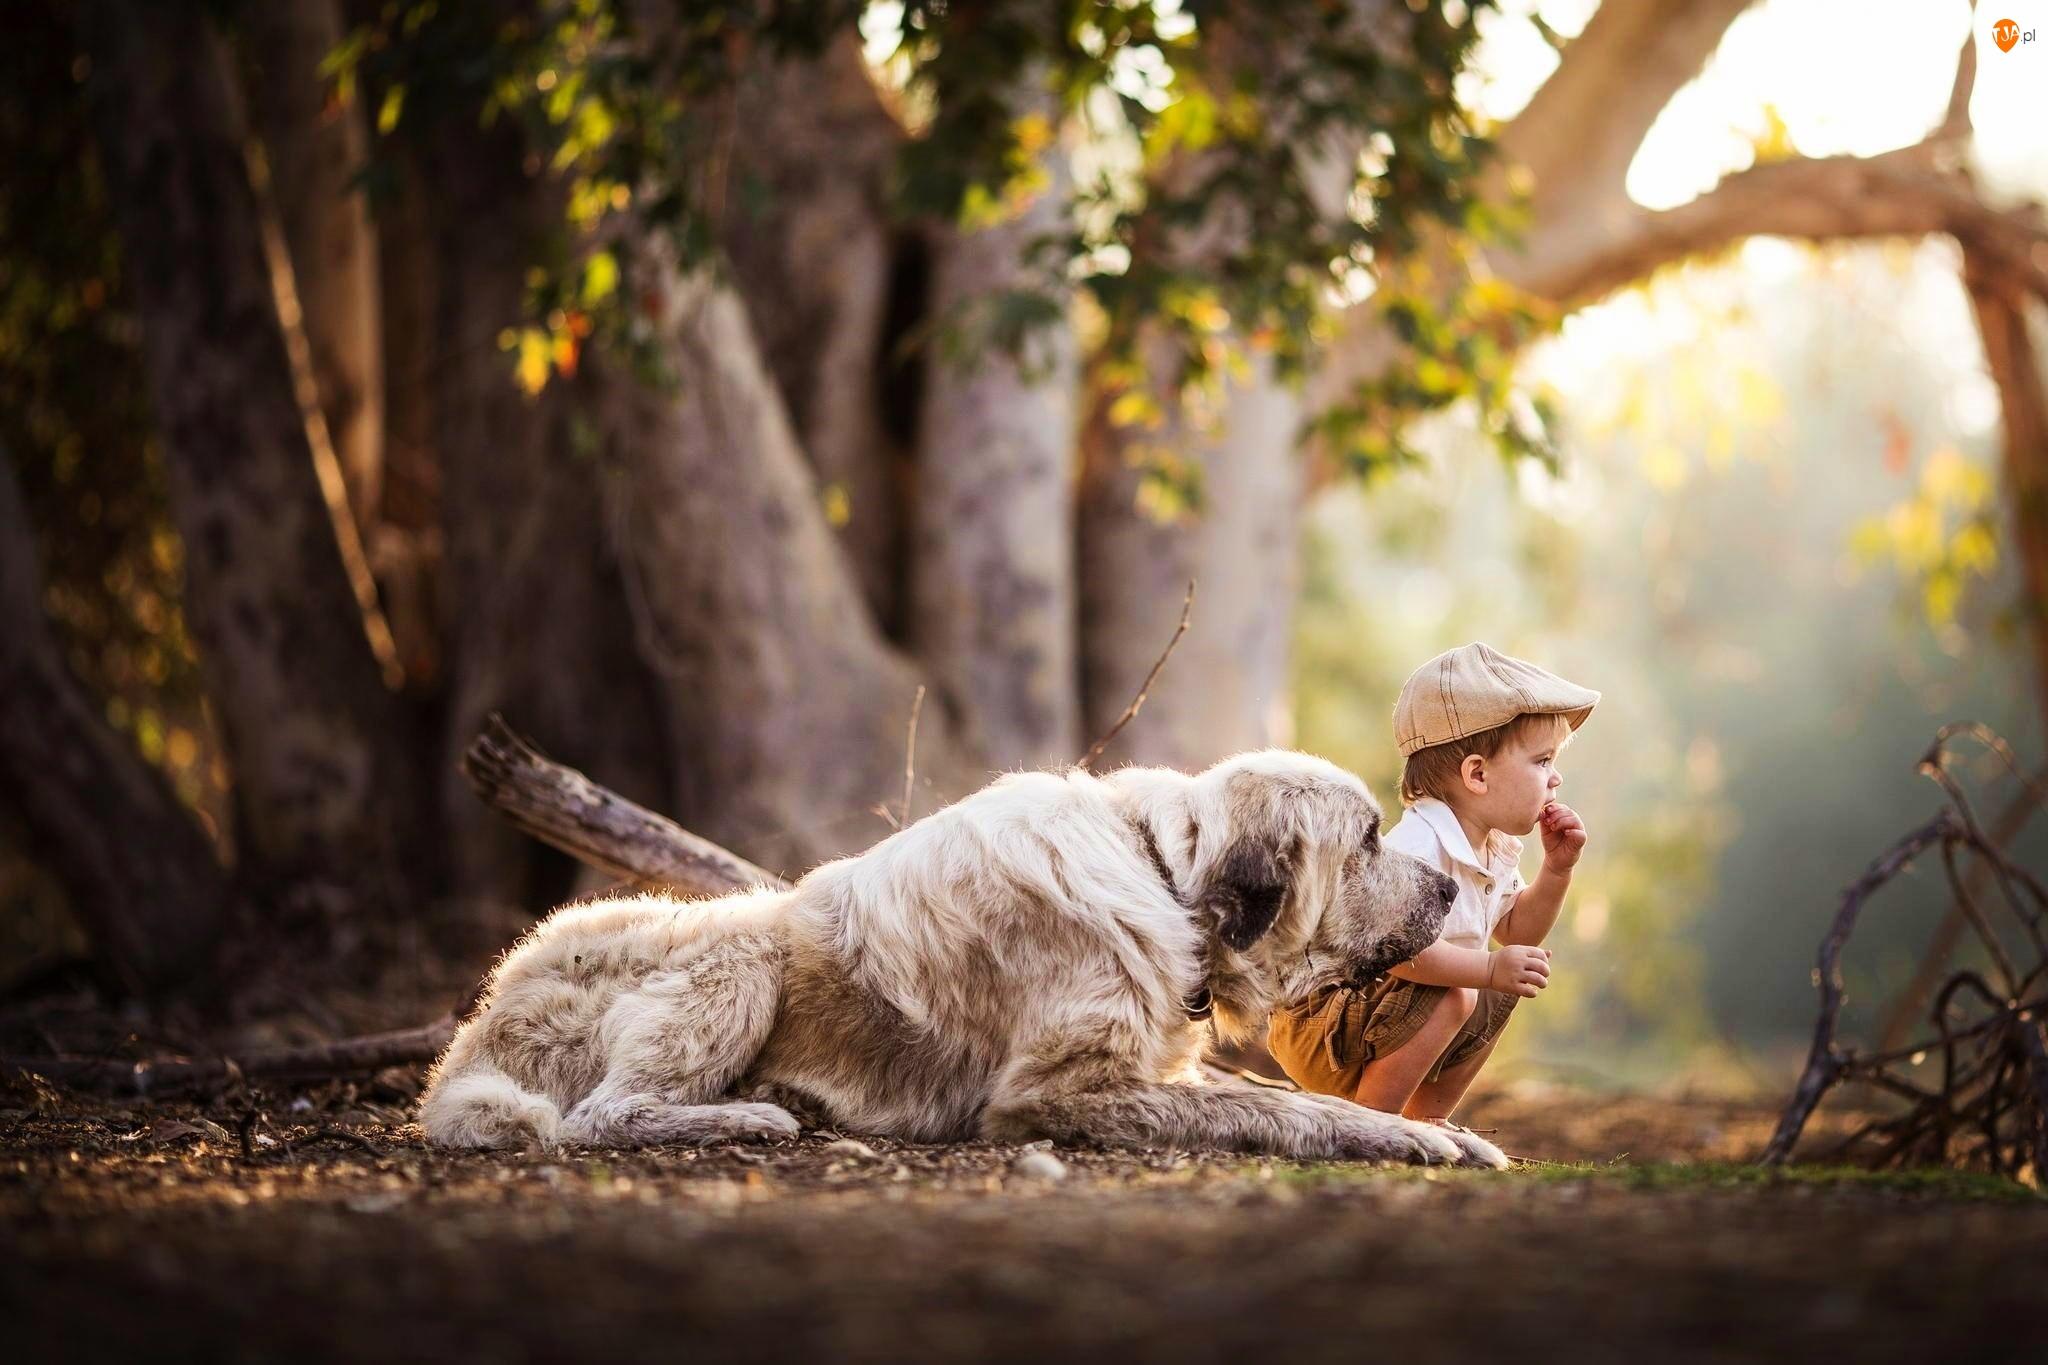 Chłopiec, Owczarek środkowoazjatycki, Pies, Pnie